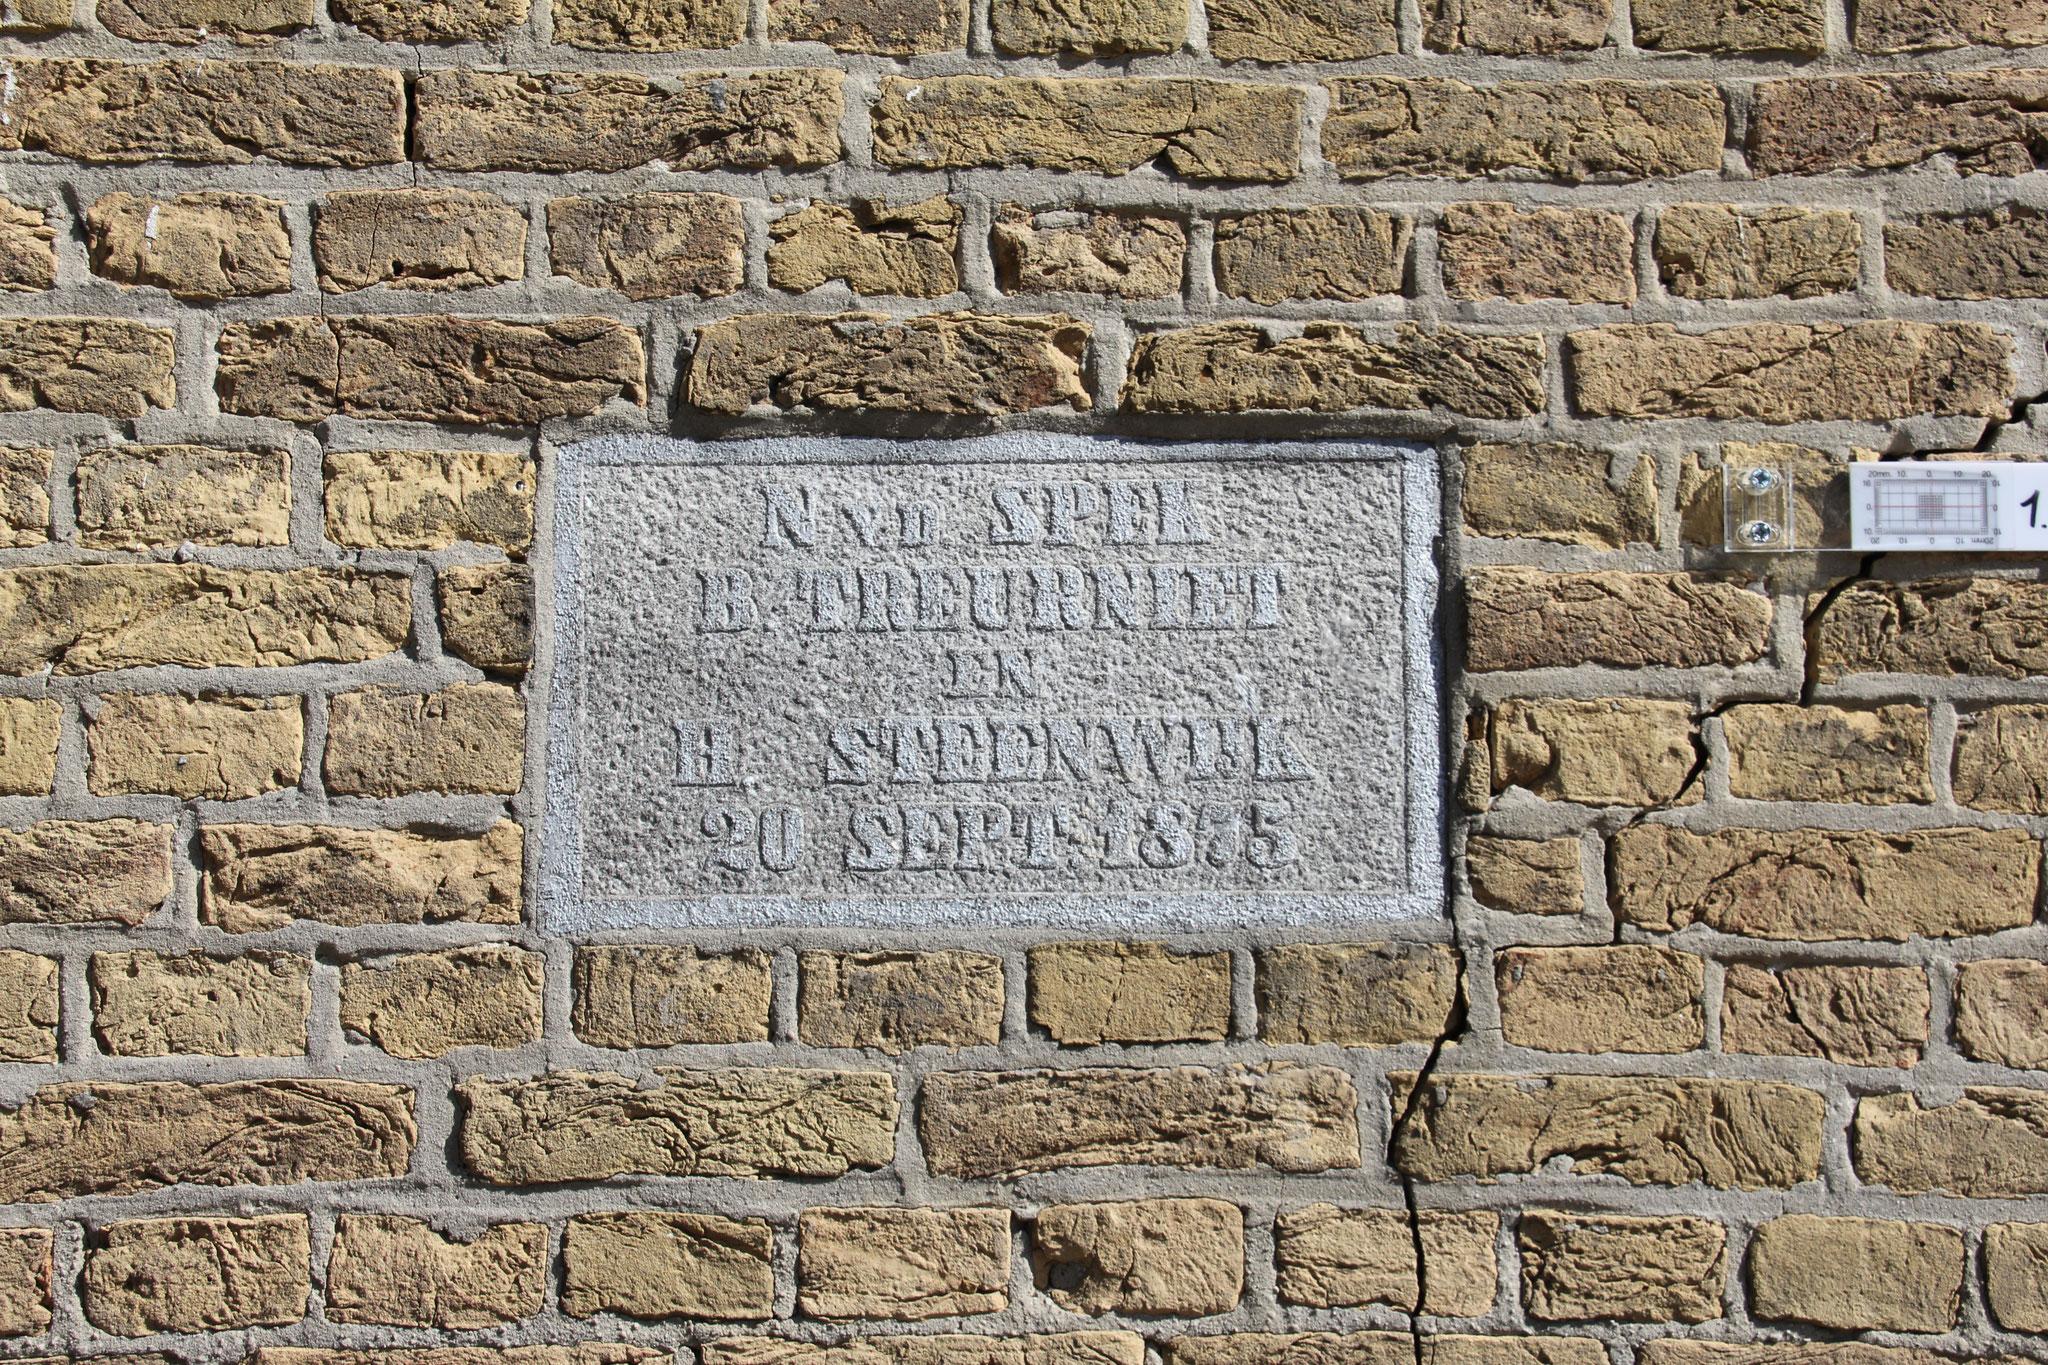 gevelsteen met jaartal 1875